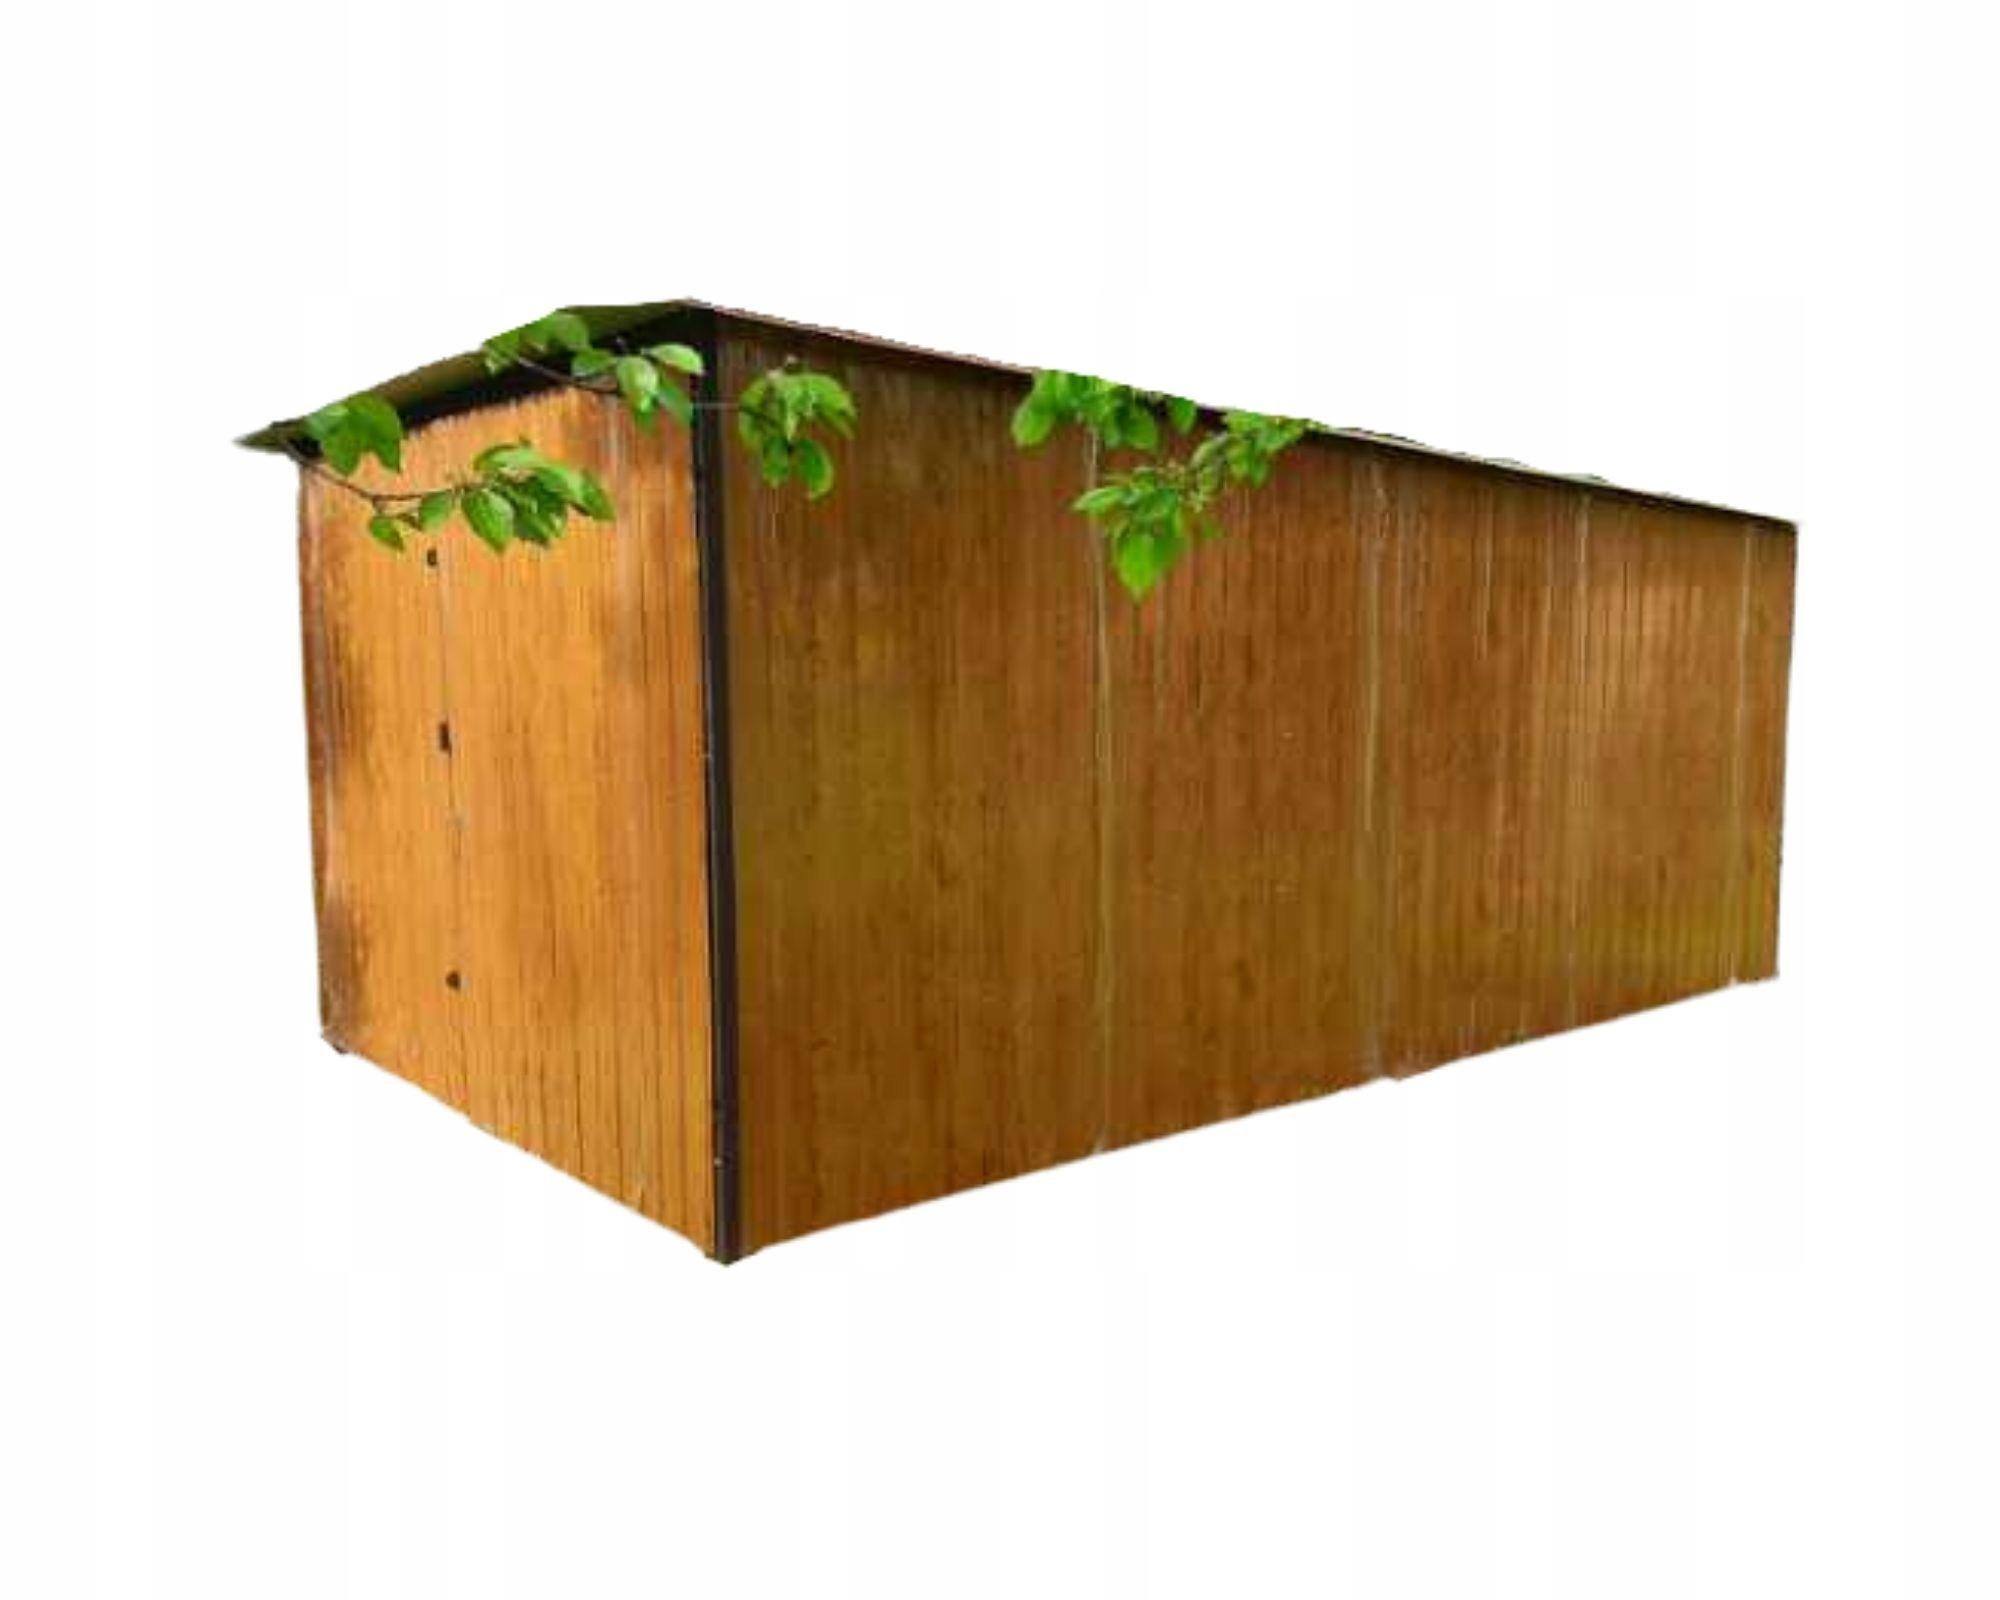 жестяные гаражи 3x5 под дерево золотистый дуб